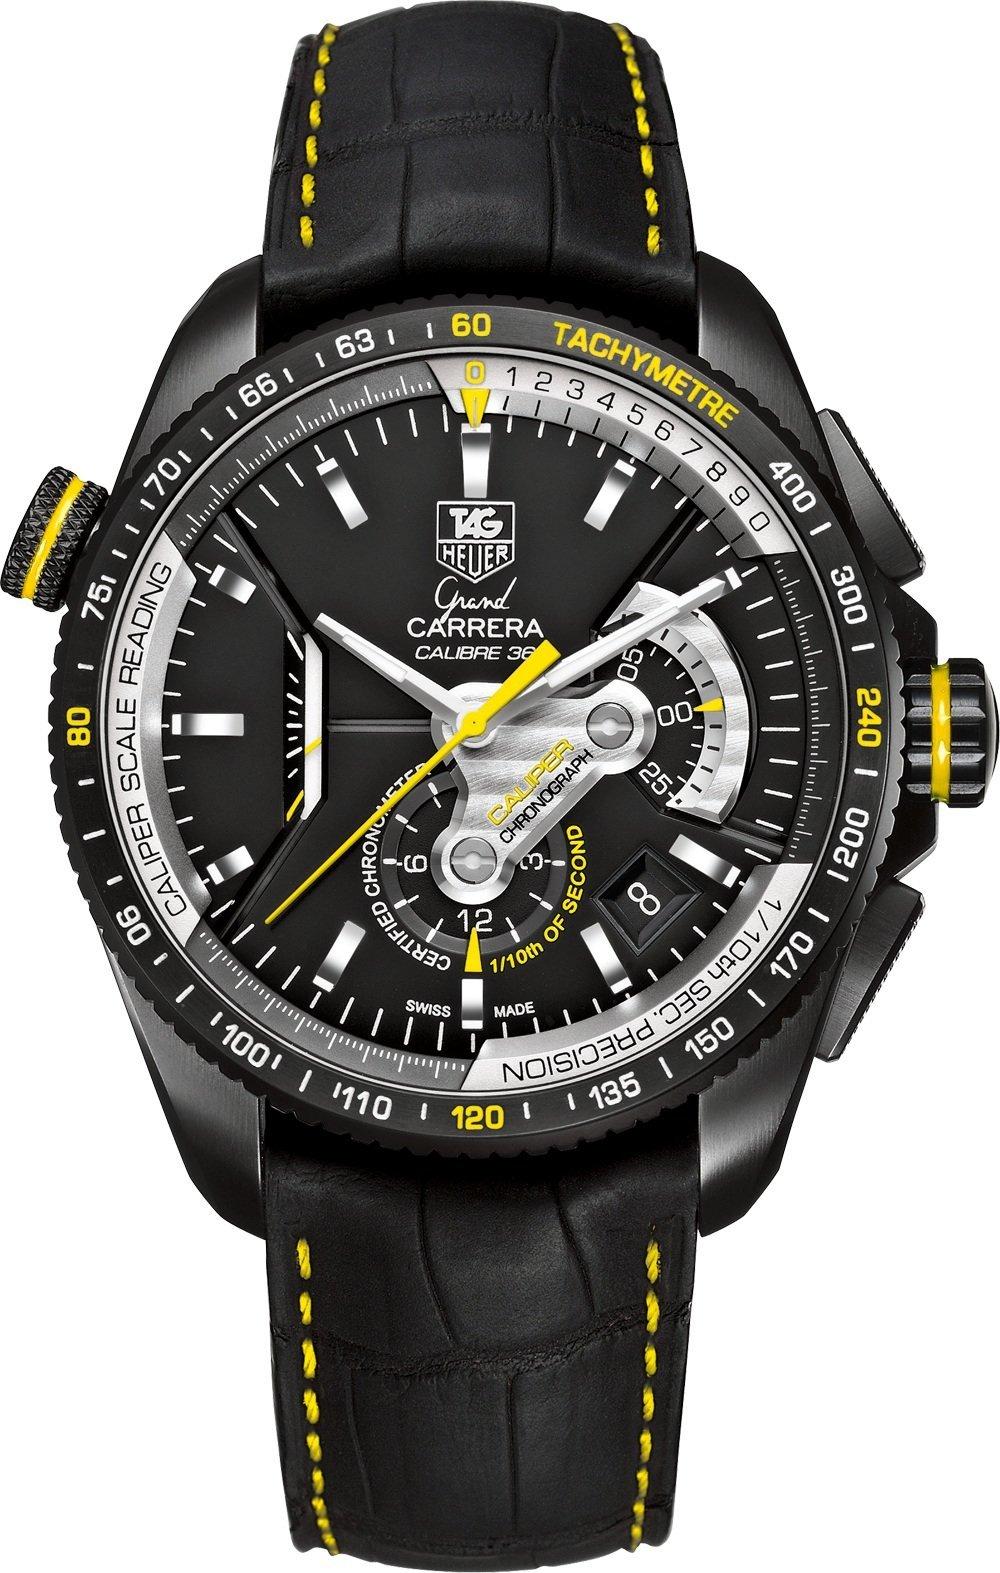 Кнопки управления хронографом имеют приятную, обтекаемую форму, которая сливается с дизайном часов, образуя цельную художественную композицию.